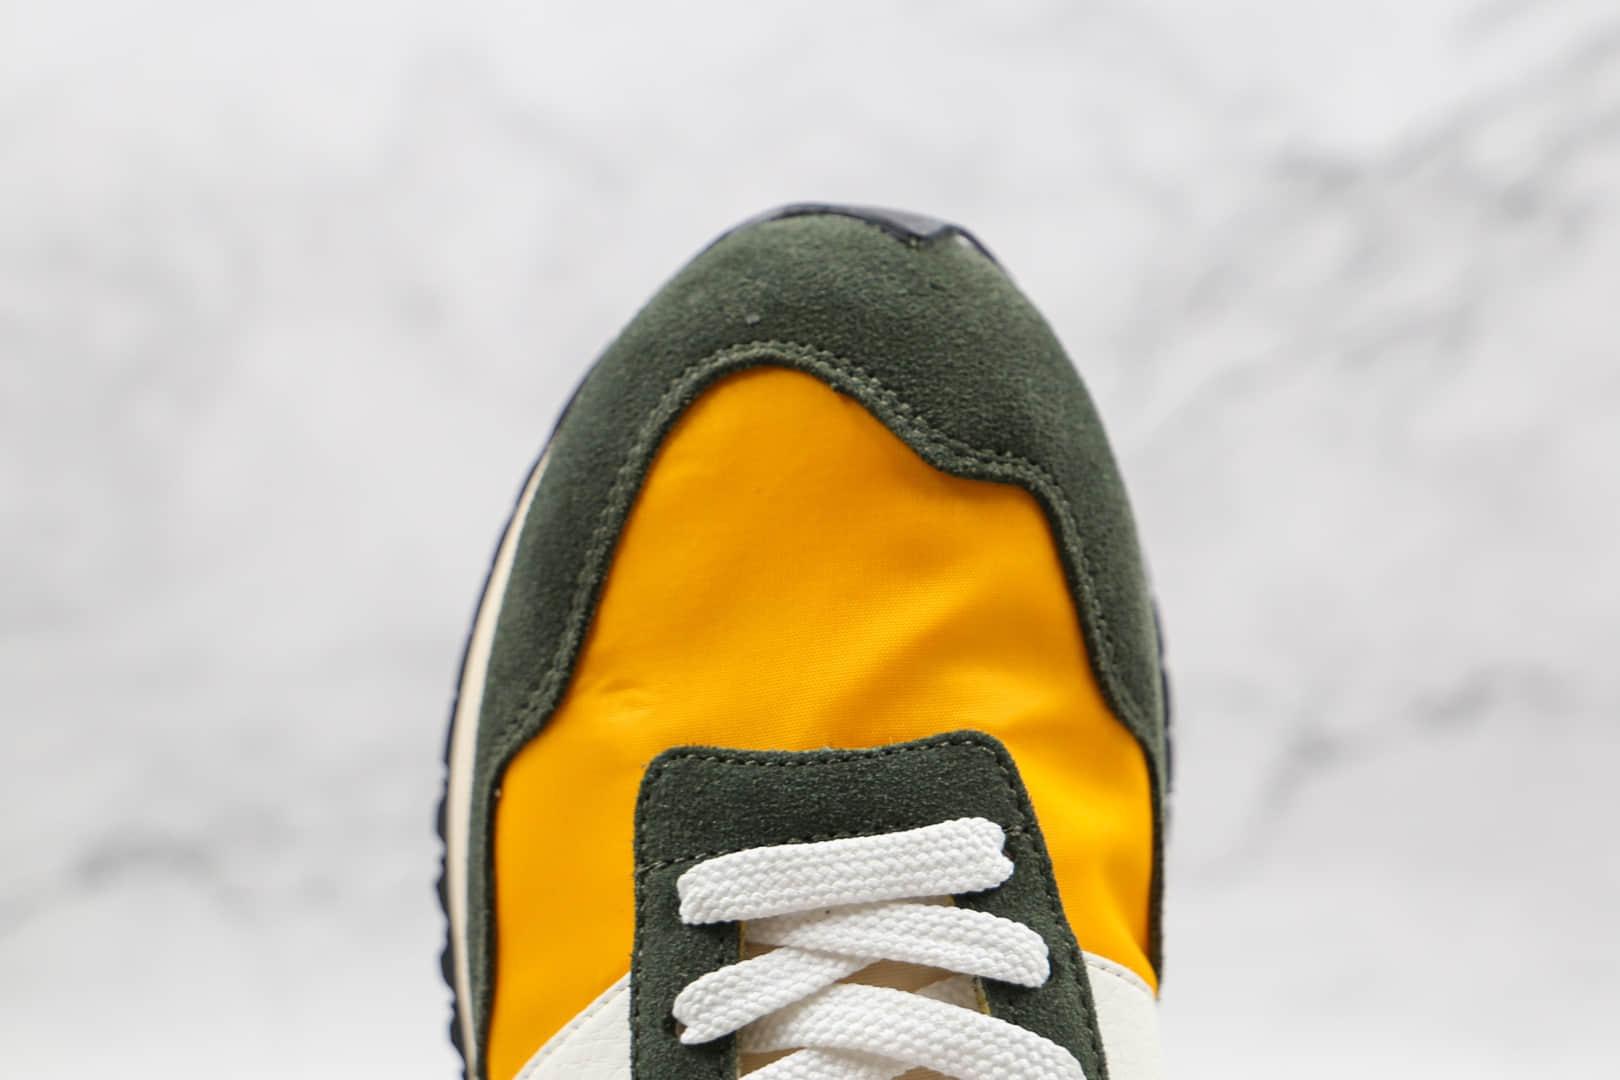 新百伦New Balance 237纯原版本网面黄绿色NB237复古老爹鞋原盒原标 货号:MS237SB